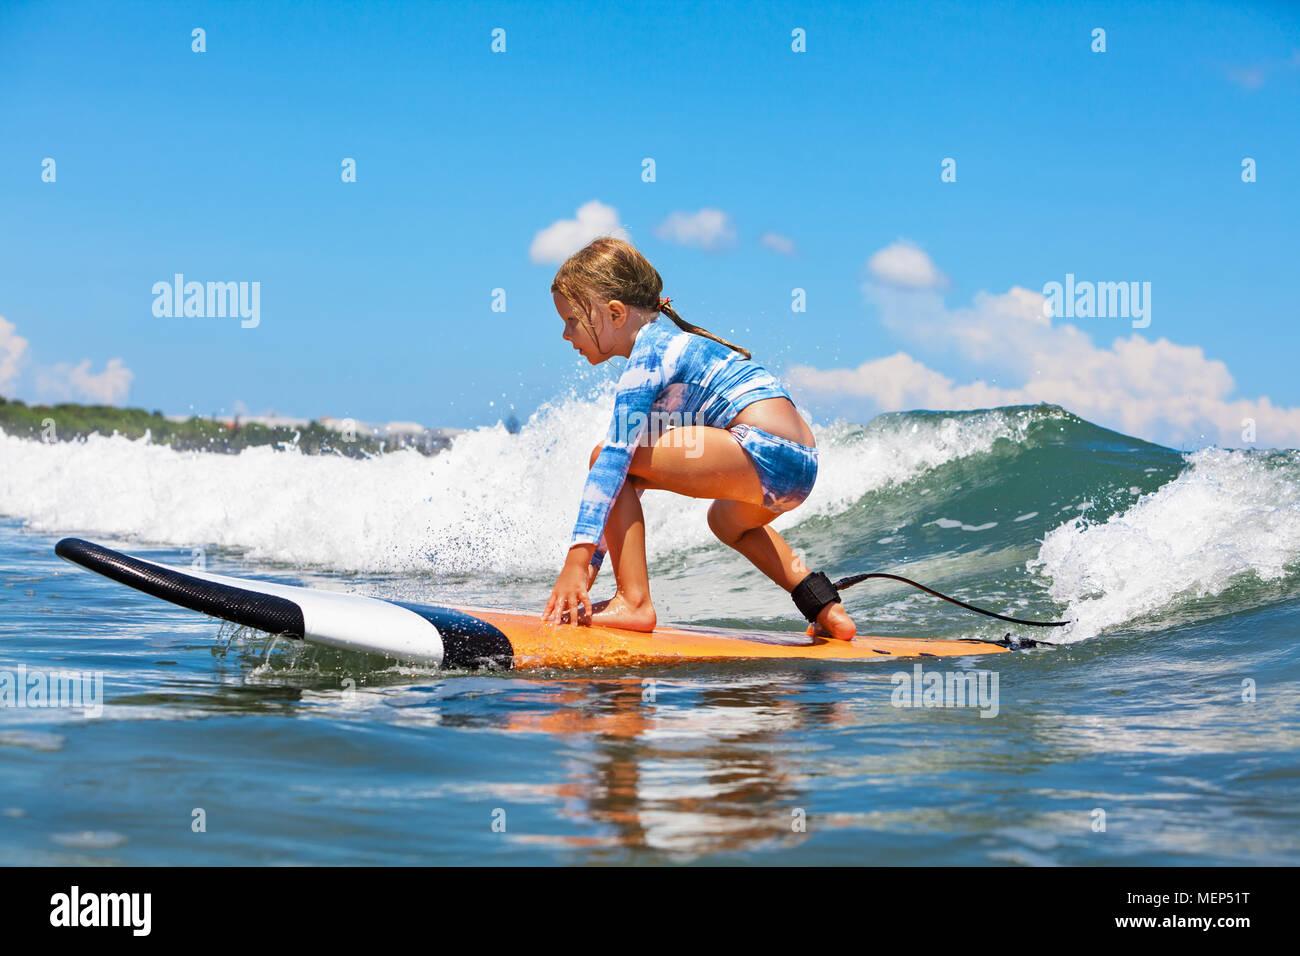 Happy baby girl. jeune internaute monter sur une planche de surf avec plaisir sur les ondes de la mer. Vie de famille active, pour les enfants de l'eau en plein air et l'activité de natation leçons sport Banque D'Images